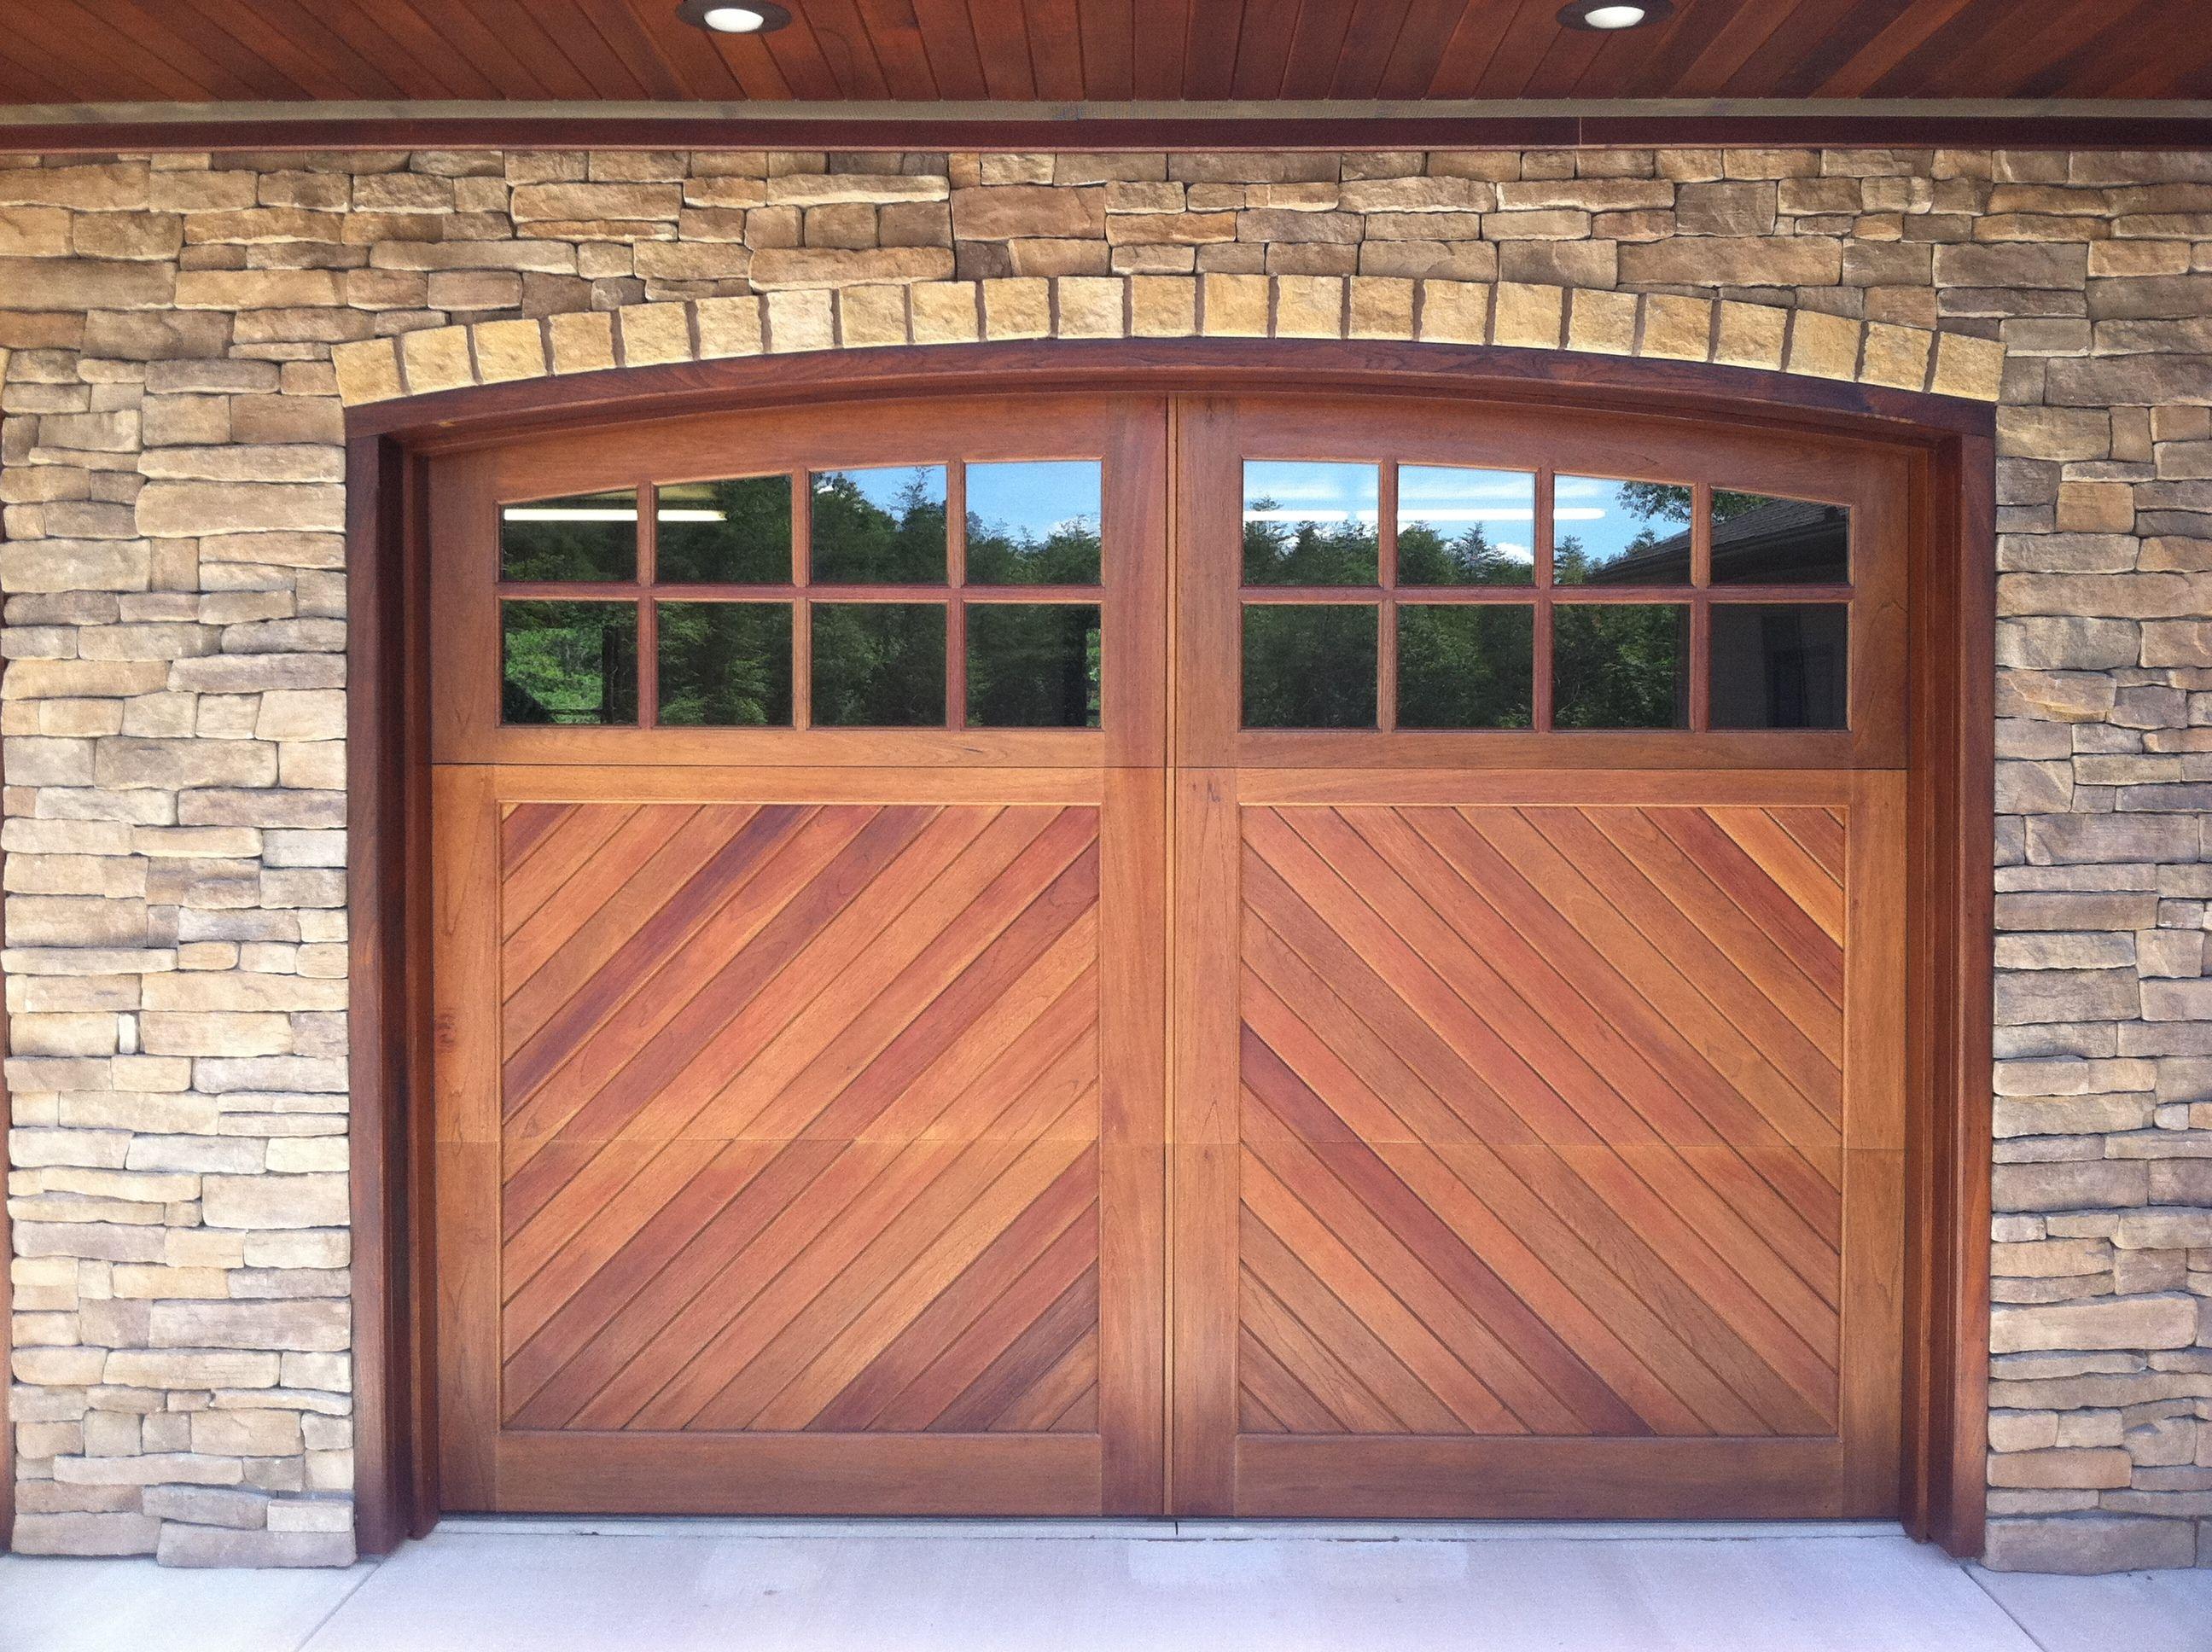 Second Hand Wooden Double Garage Doors | http ...